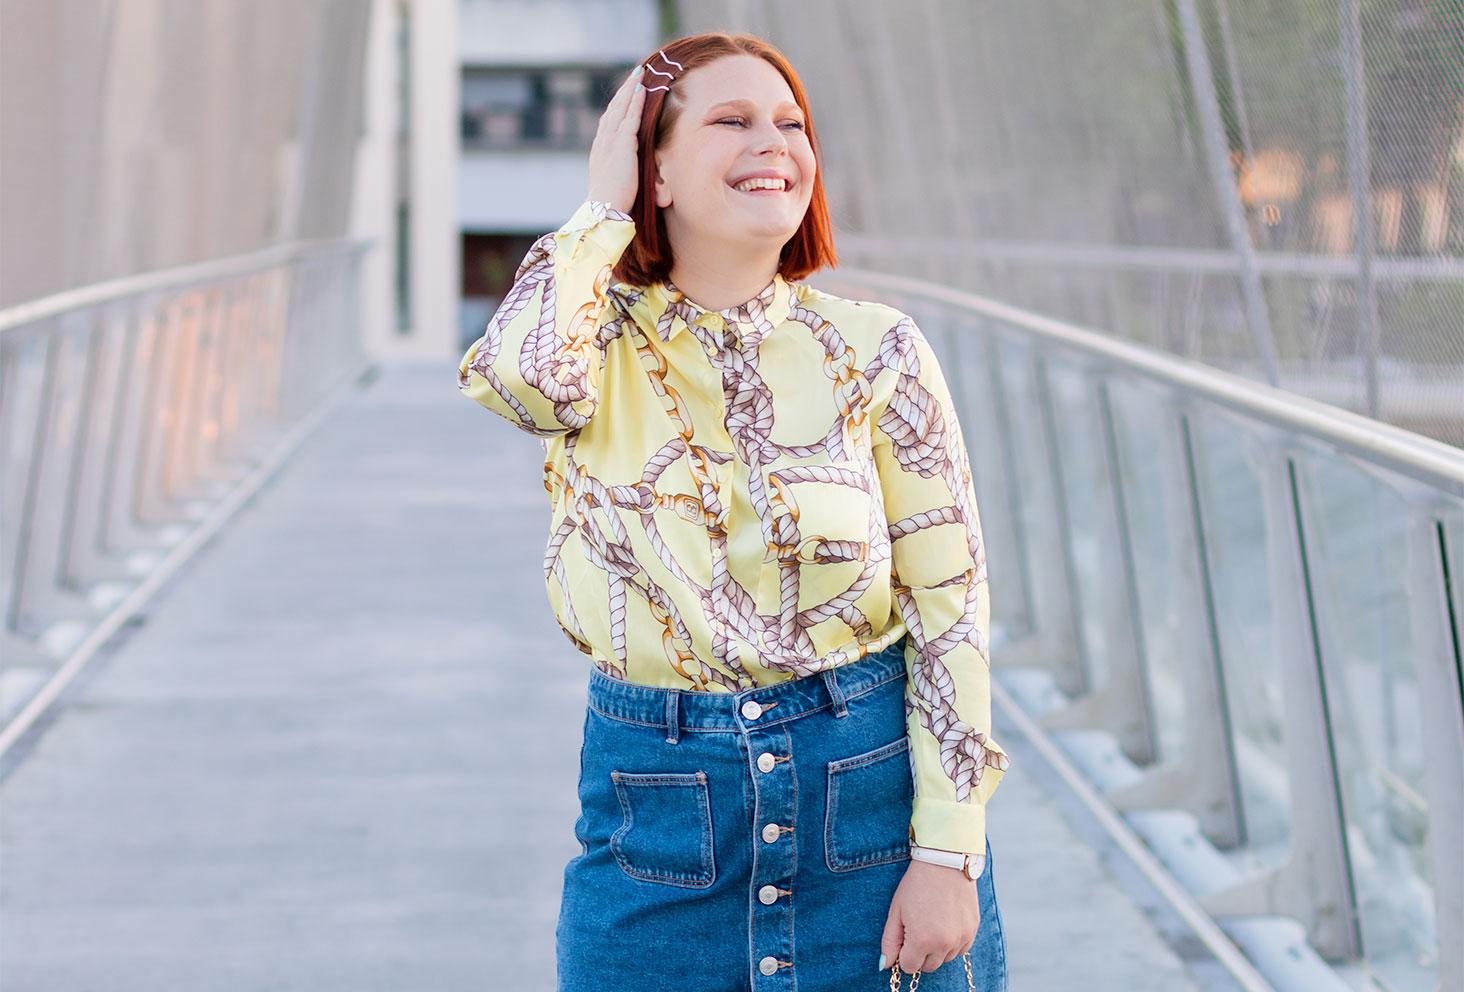 Zoom sur la chemise jaune à motifs de nœuds Zara portée rentrée dans une jupe en jeans à boutons, une main dans les cheveux au milieu d'une passerelle en métal à la gare de Tours